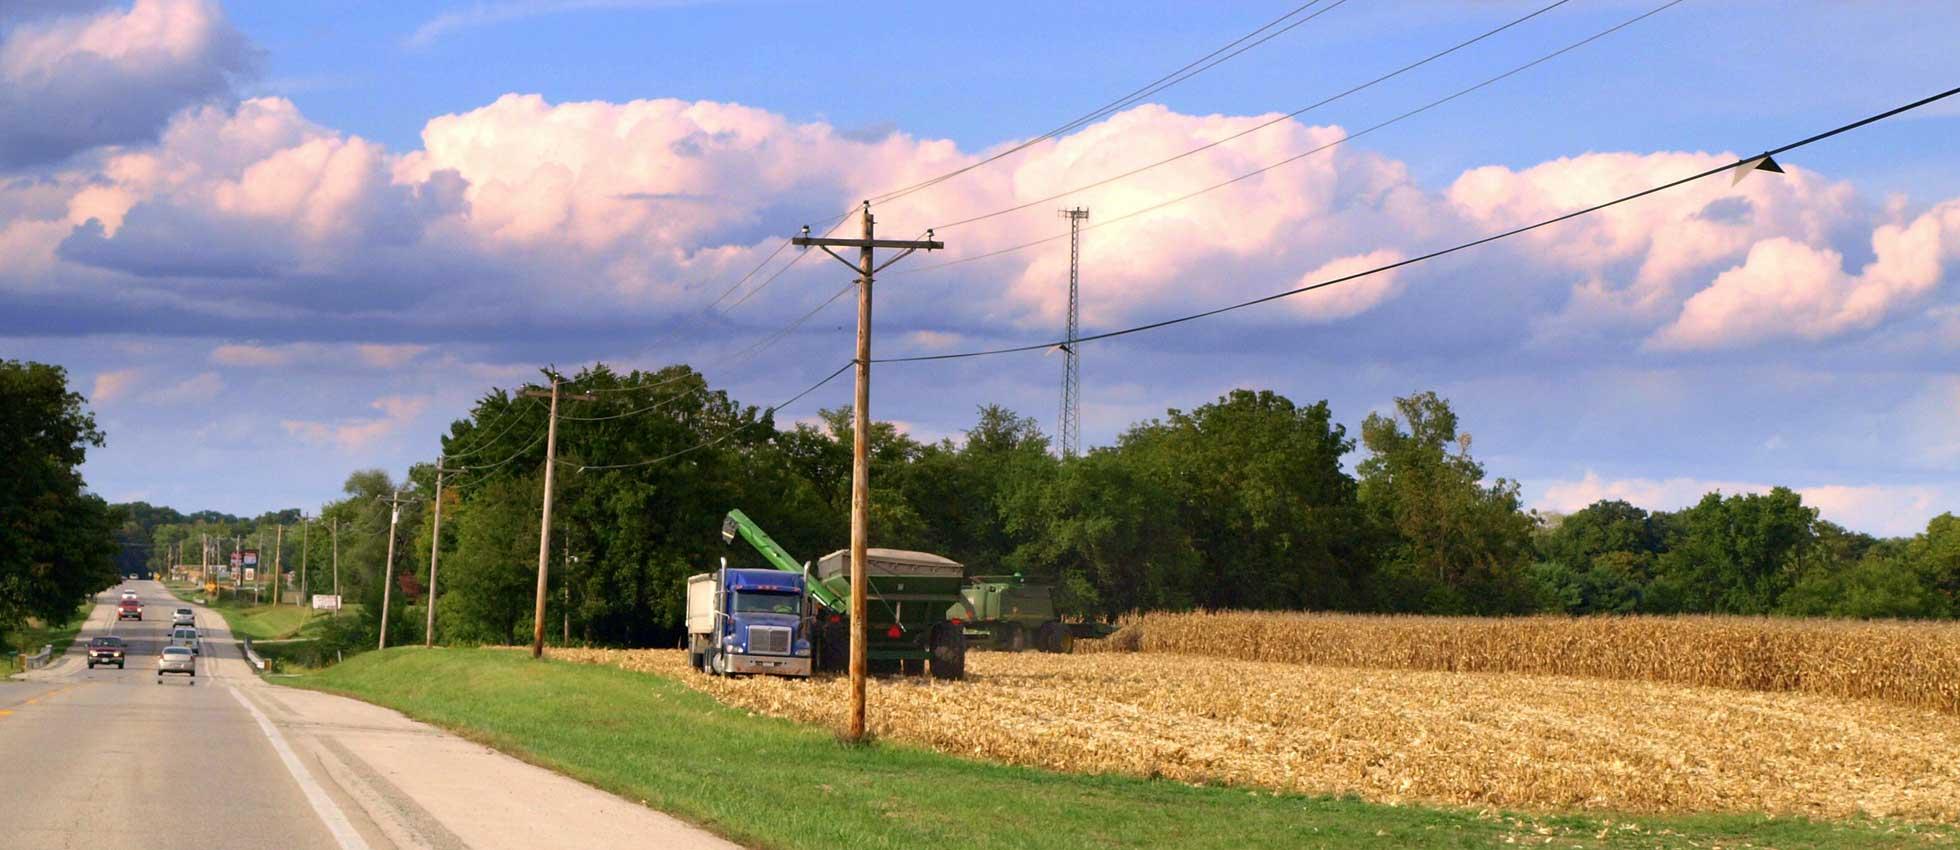 ERV17_NativeHeader_Sept_Farm-Safety_1960x850[7]